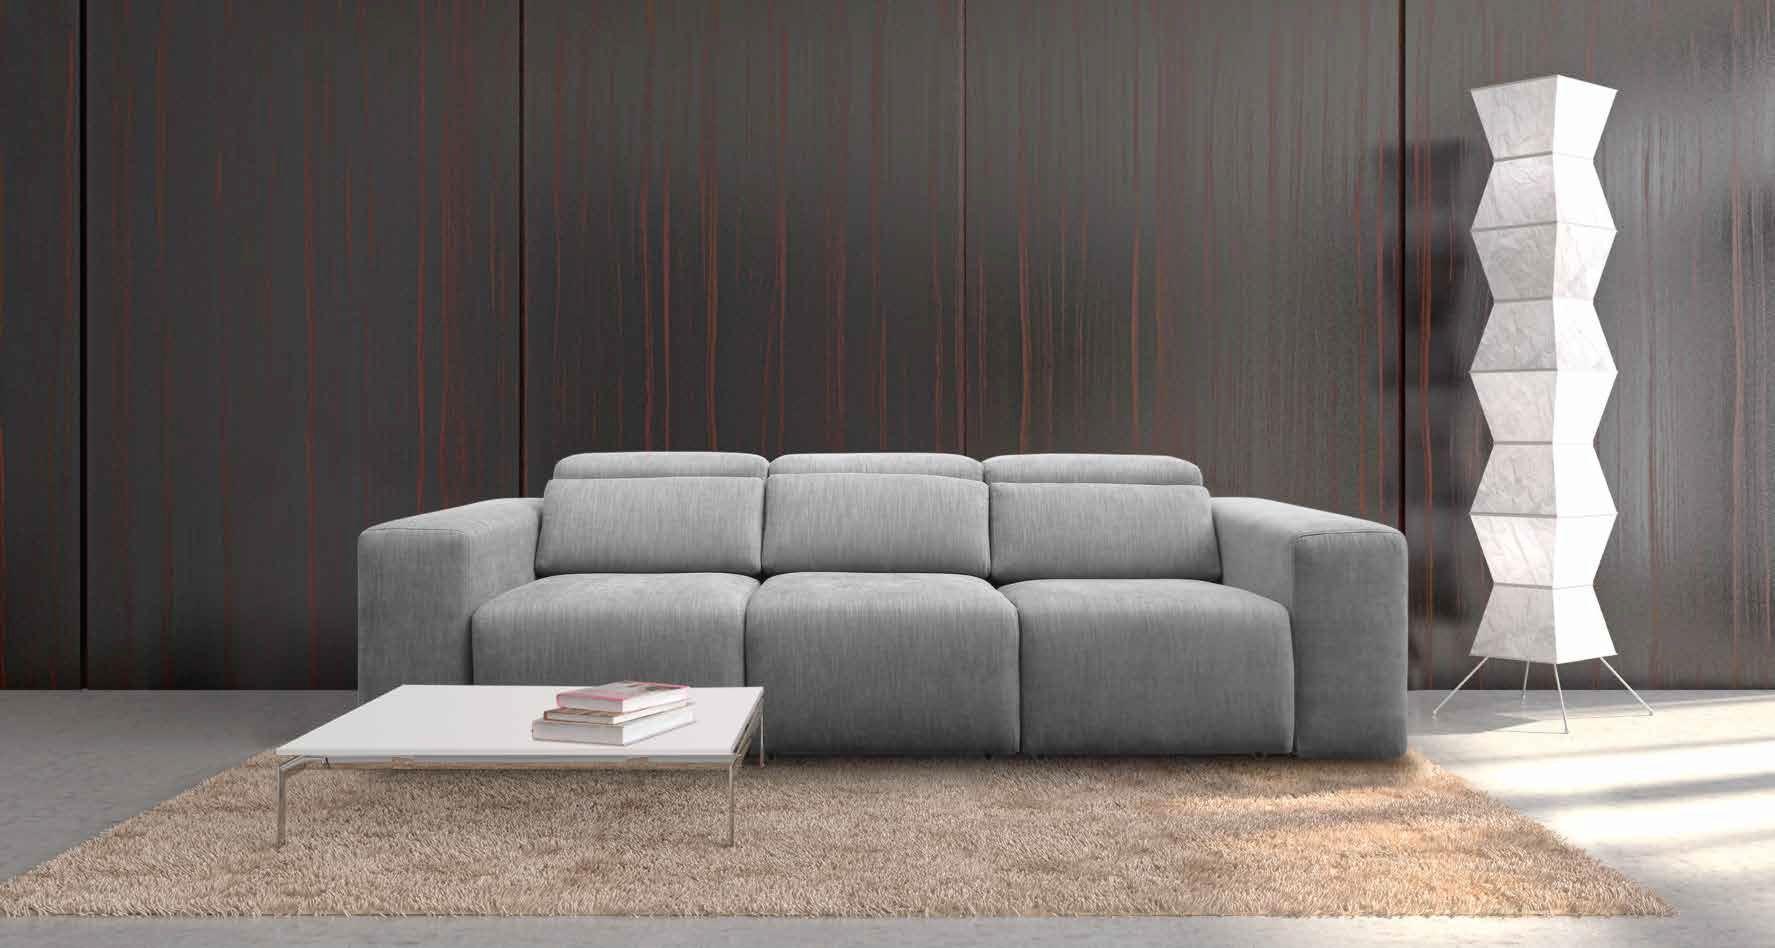 Divano lord casa del mobile rimini for Casa del divano